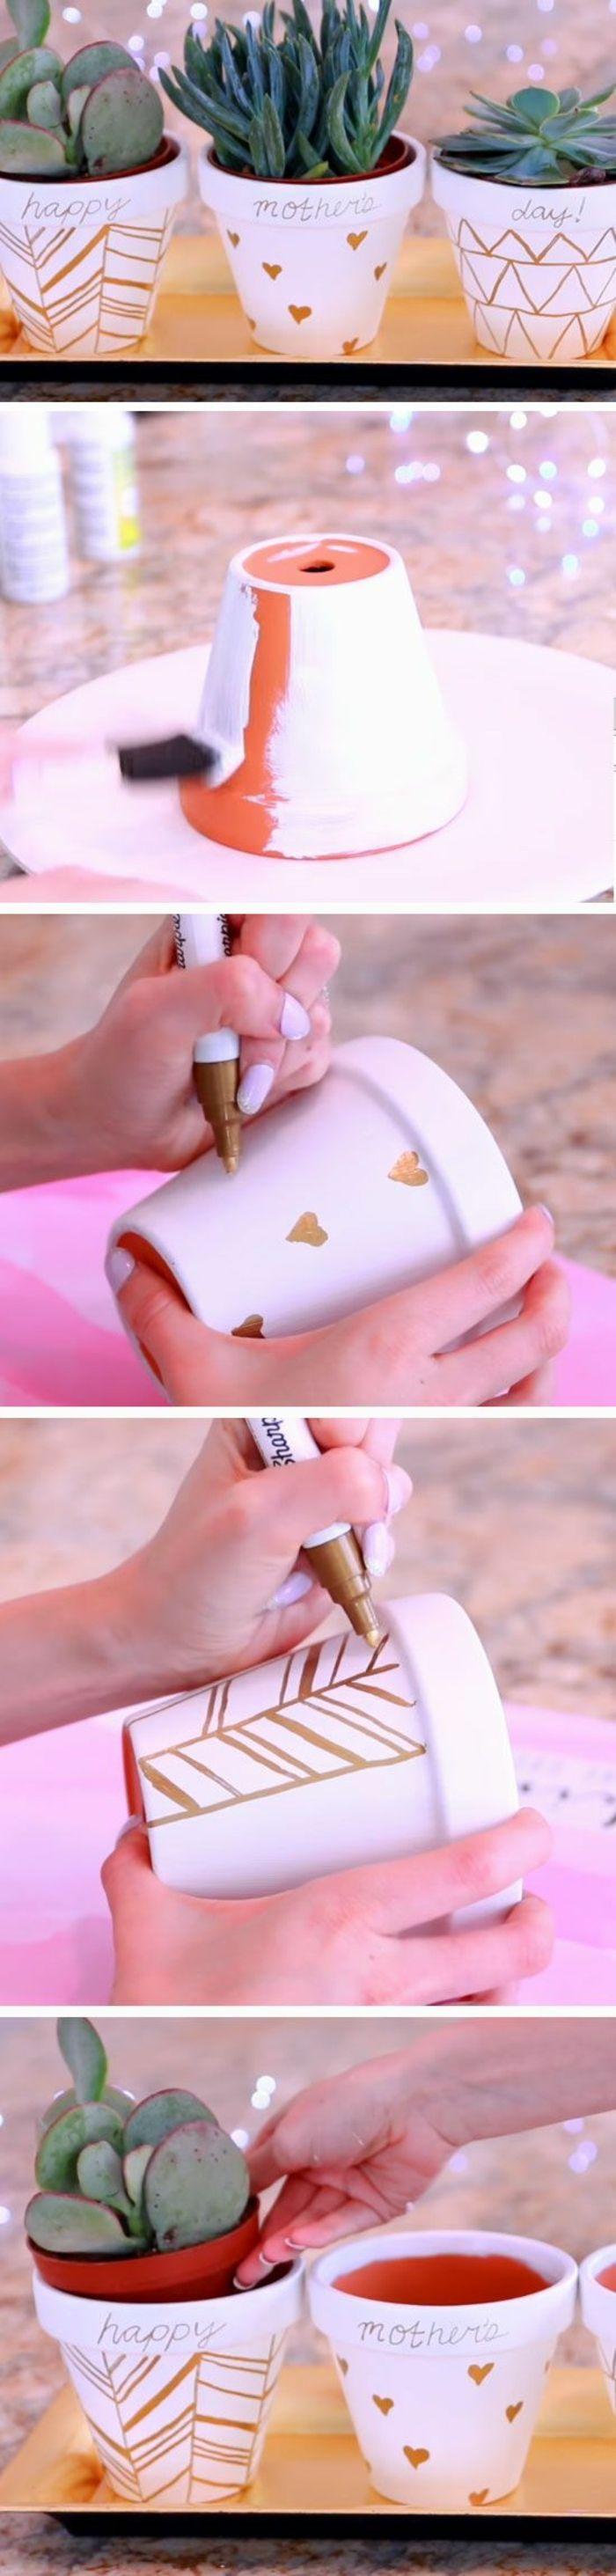 cadeau pour la fete des meres, cache pot repeint en blanc et customisé au feutre doré, dessins simples, tutoriel pot de fleurs diy